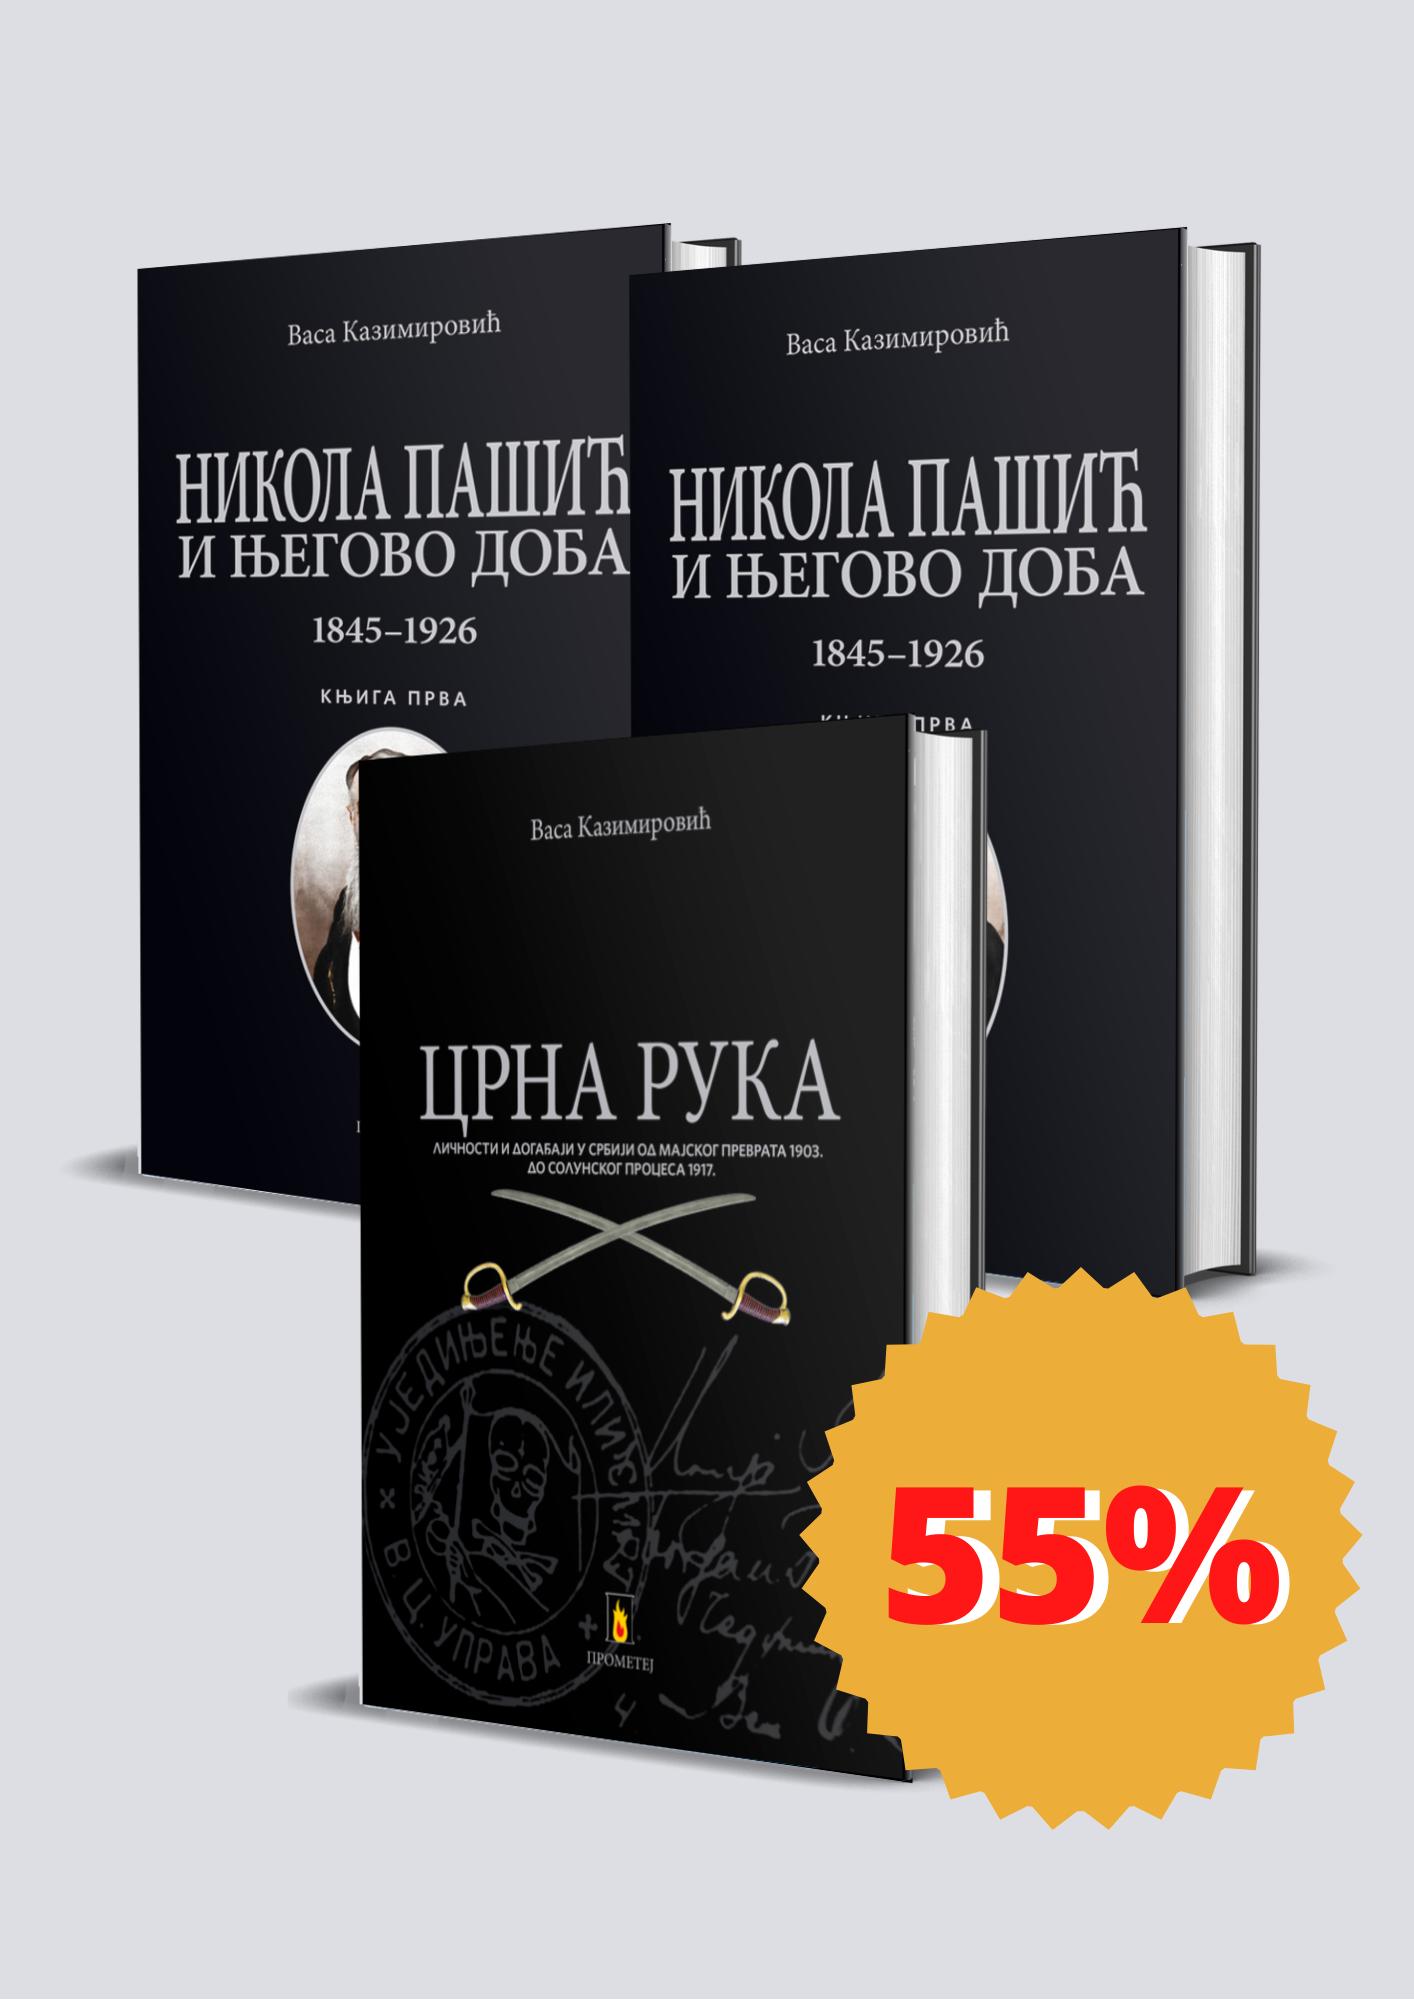 Црна рука• Никола Пашић и његово доба – из пера Васе Казимировића